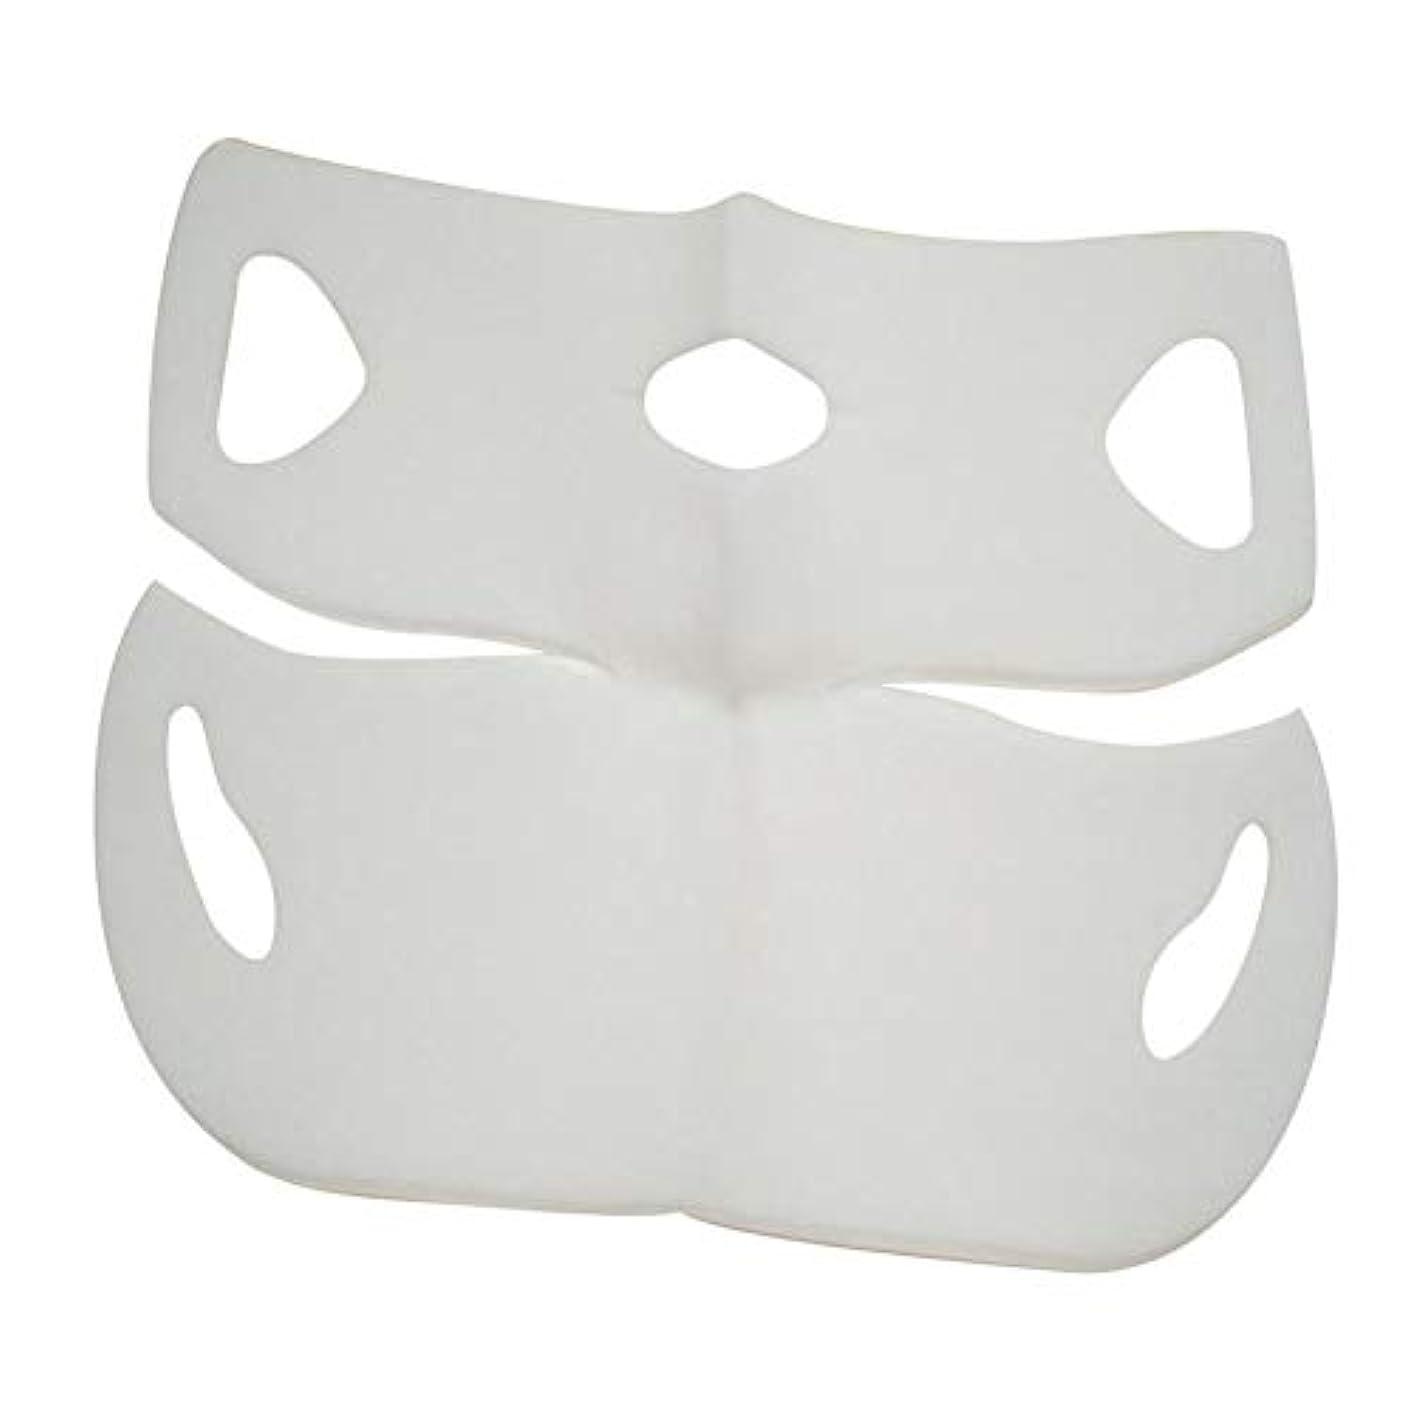 工業用手伝うSILUN 最新型 4D Vフェイシャルマスク フェイスマスク 小顔 マスク フェイスラインベルト 美顔 顔痩せ 肌ケア 保湿 毛細血管収縮 睡眠マスク